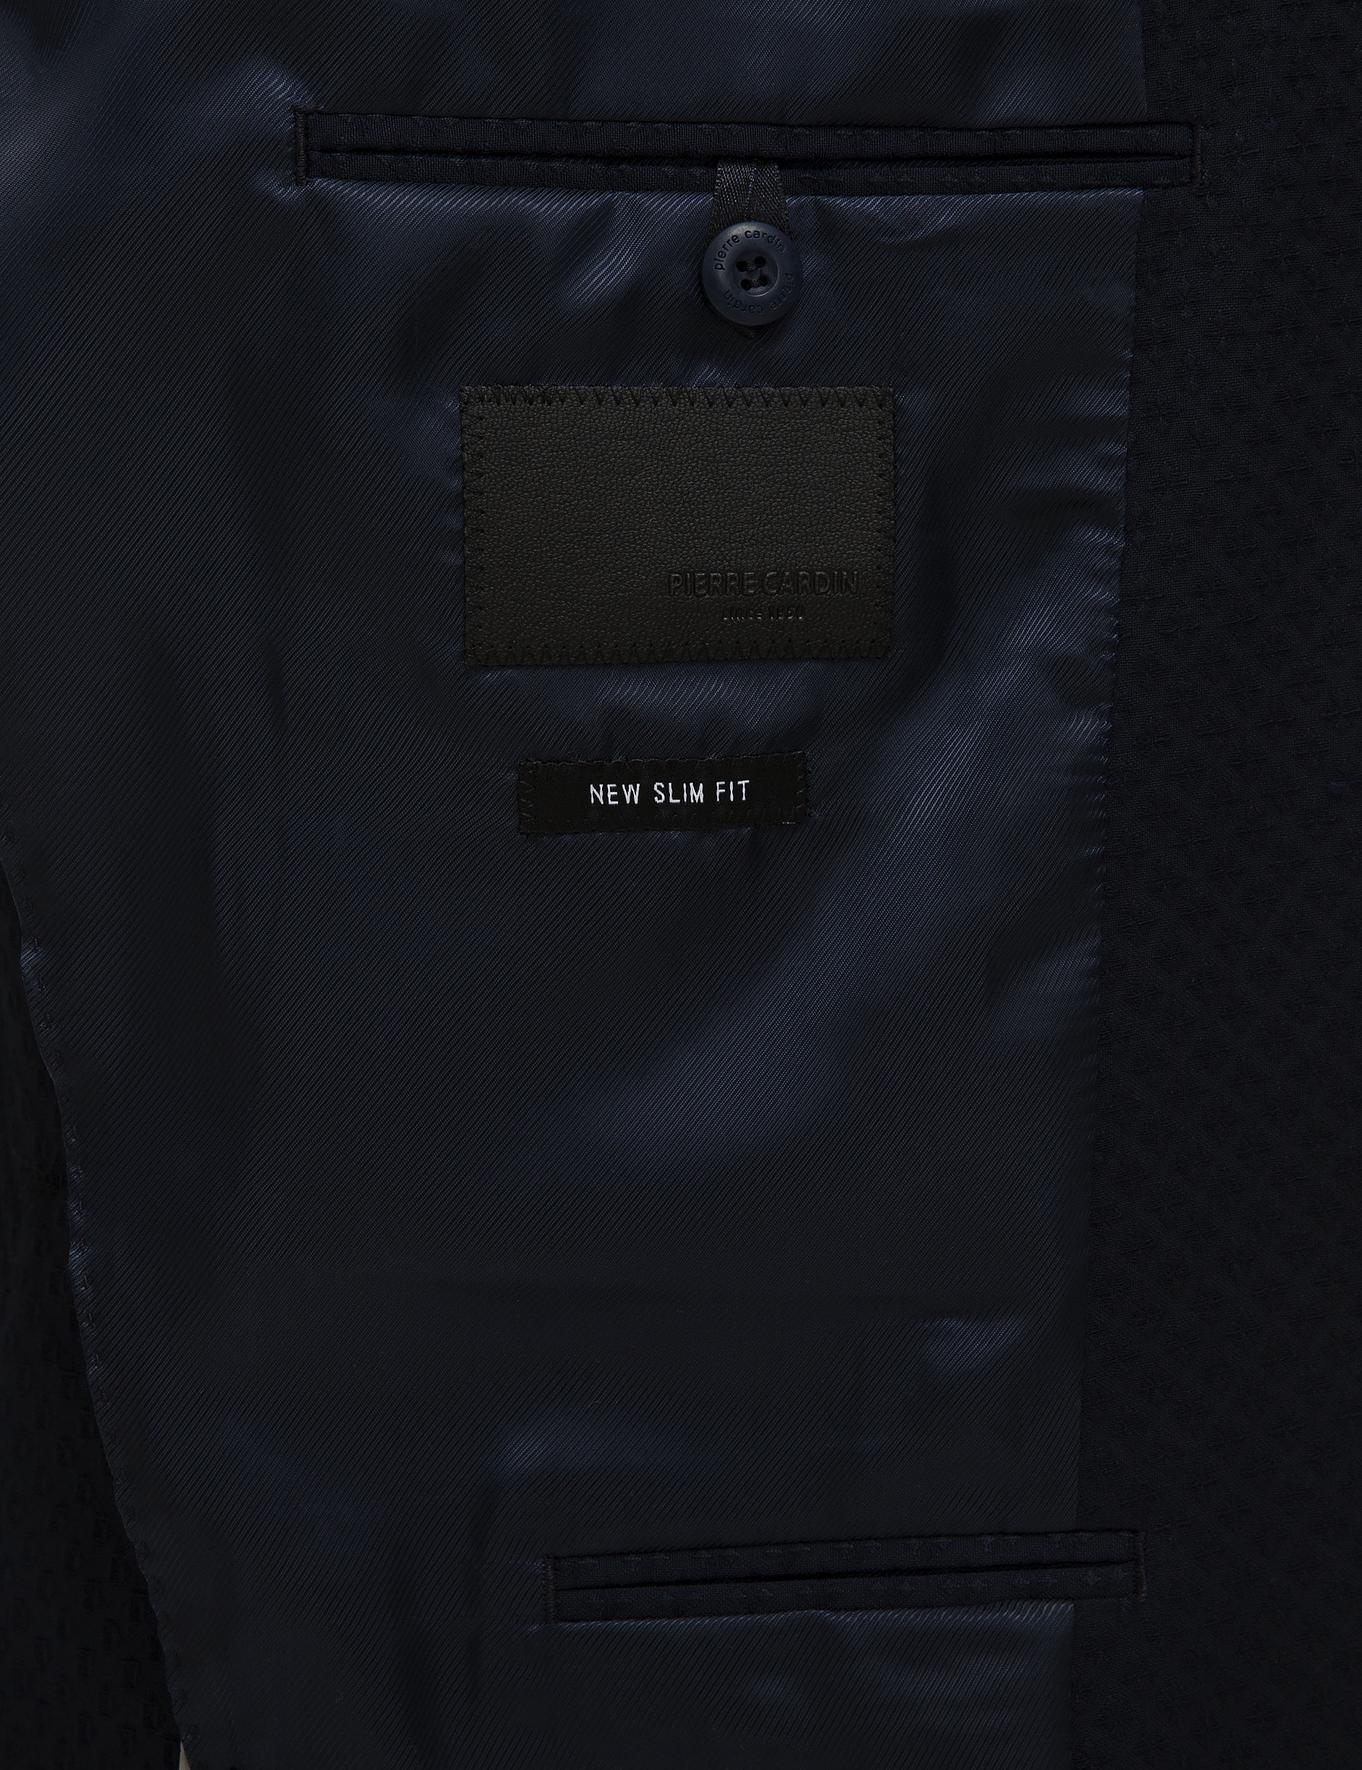 Lacivert Ekstra Slim Fit Ceket